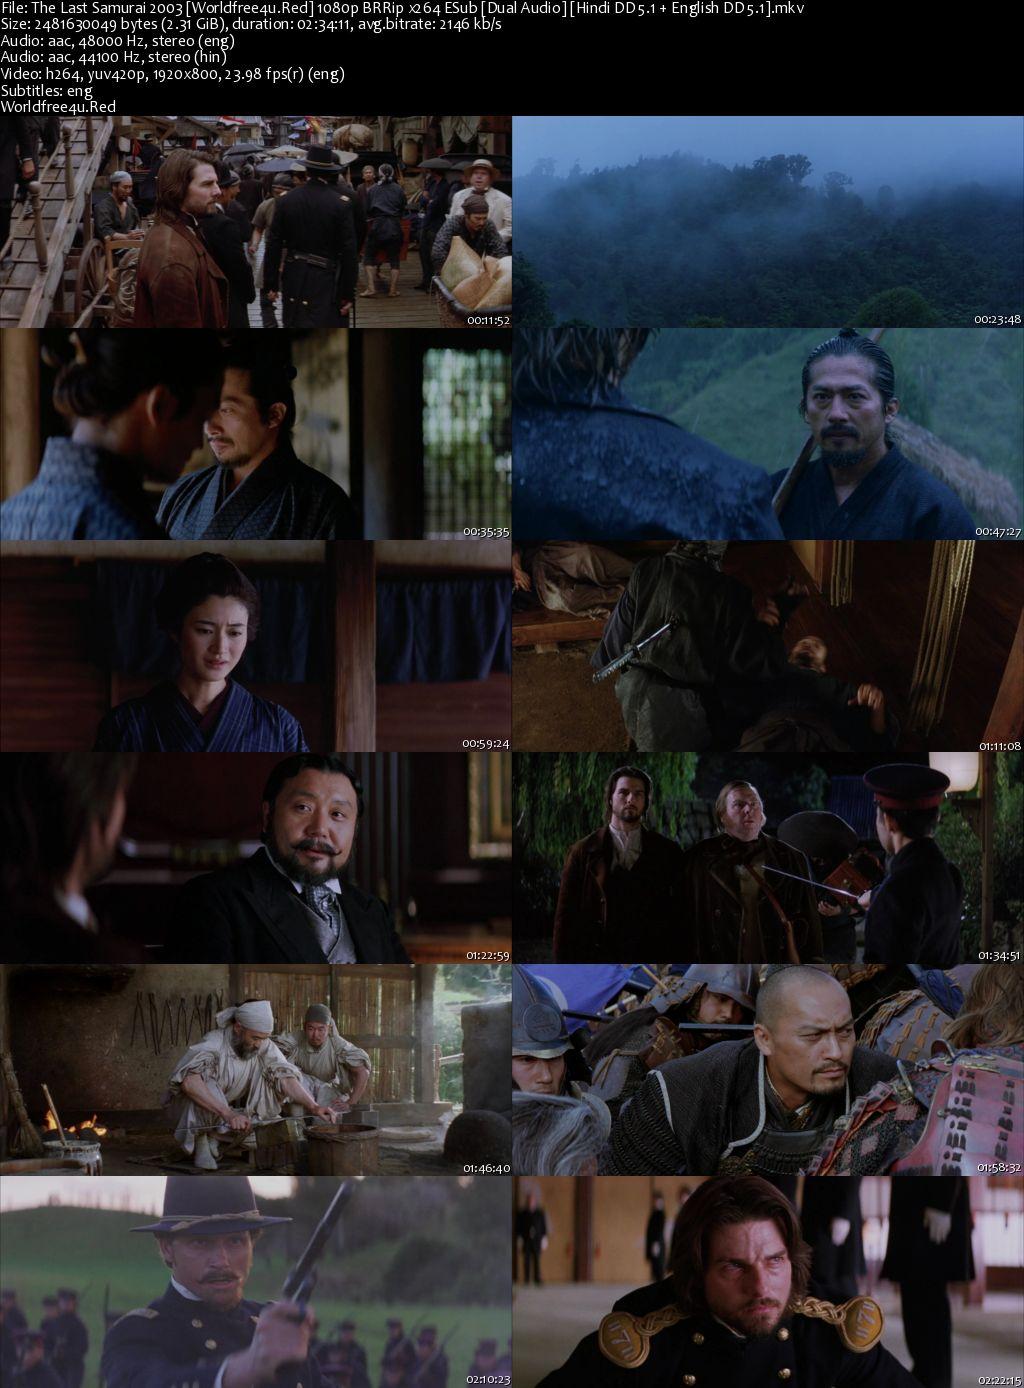 The Last Samurai 2003 BRRip 1080p Dual Audio